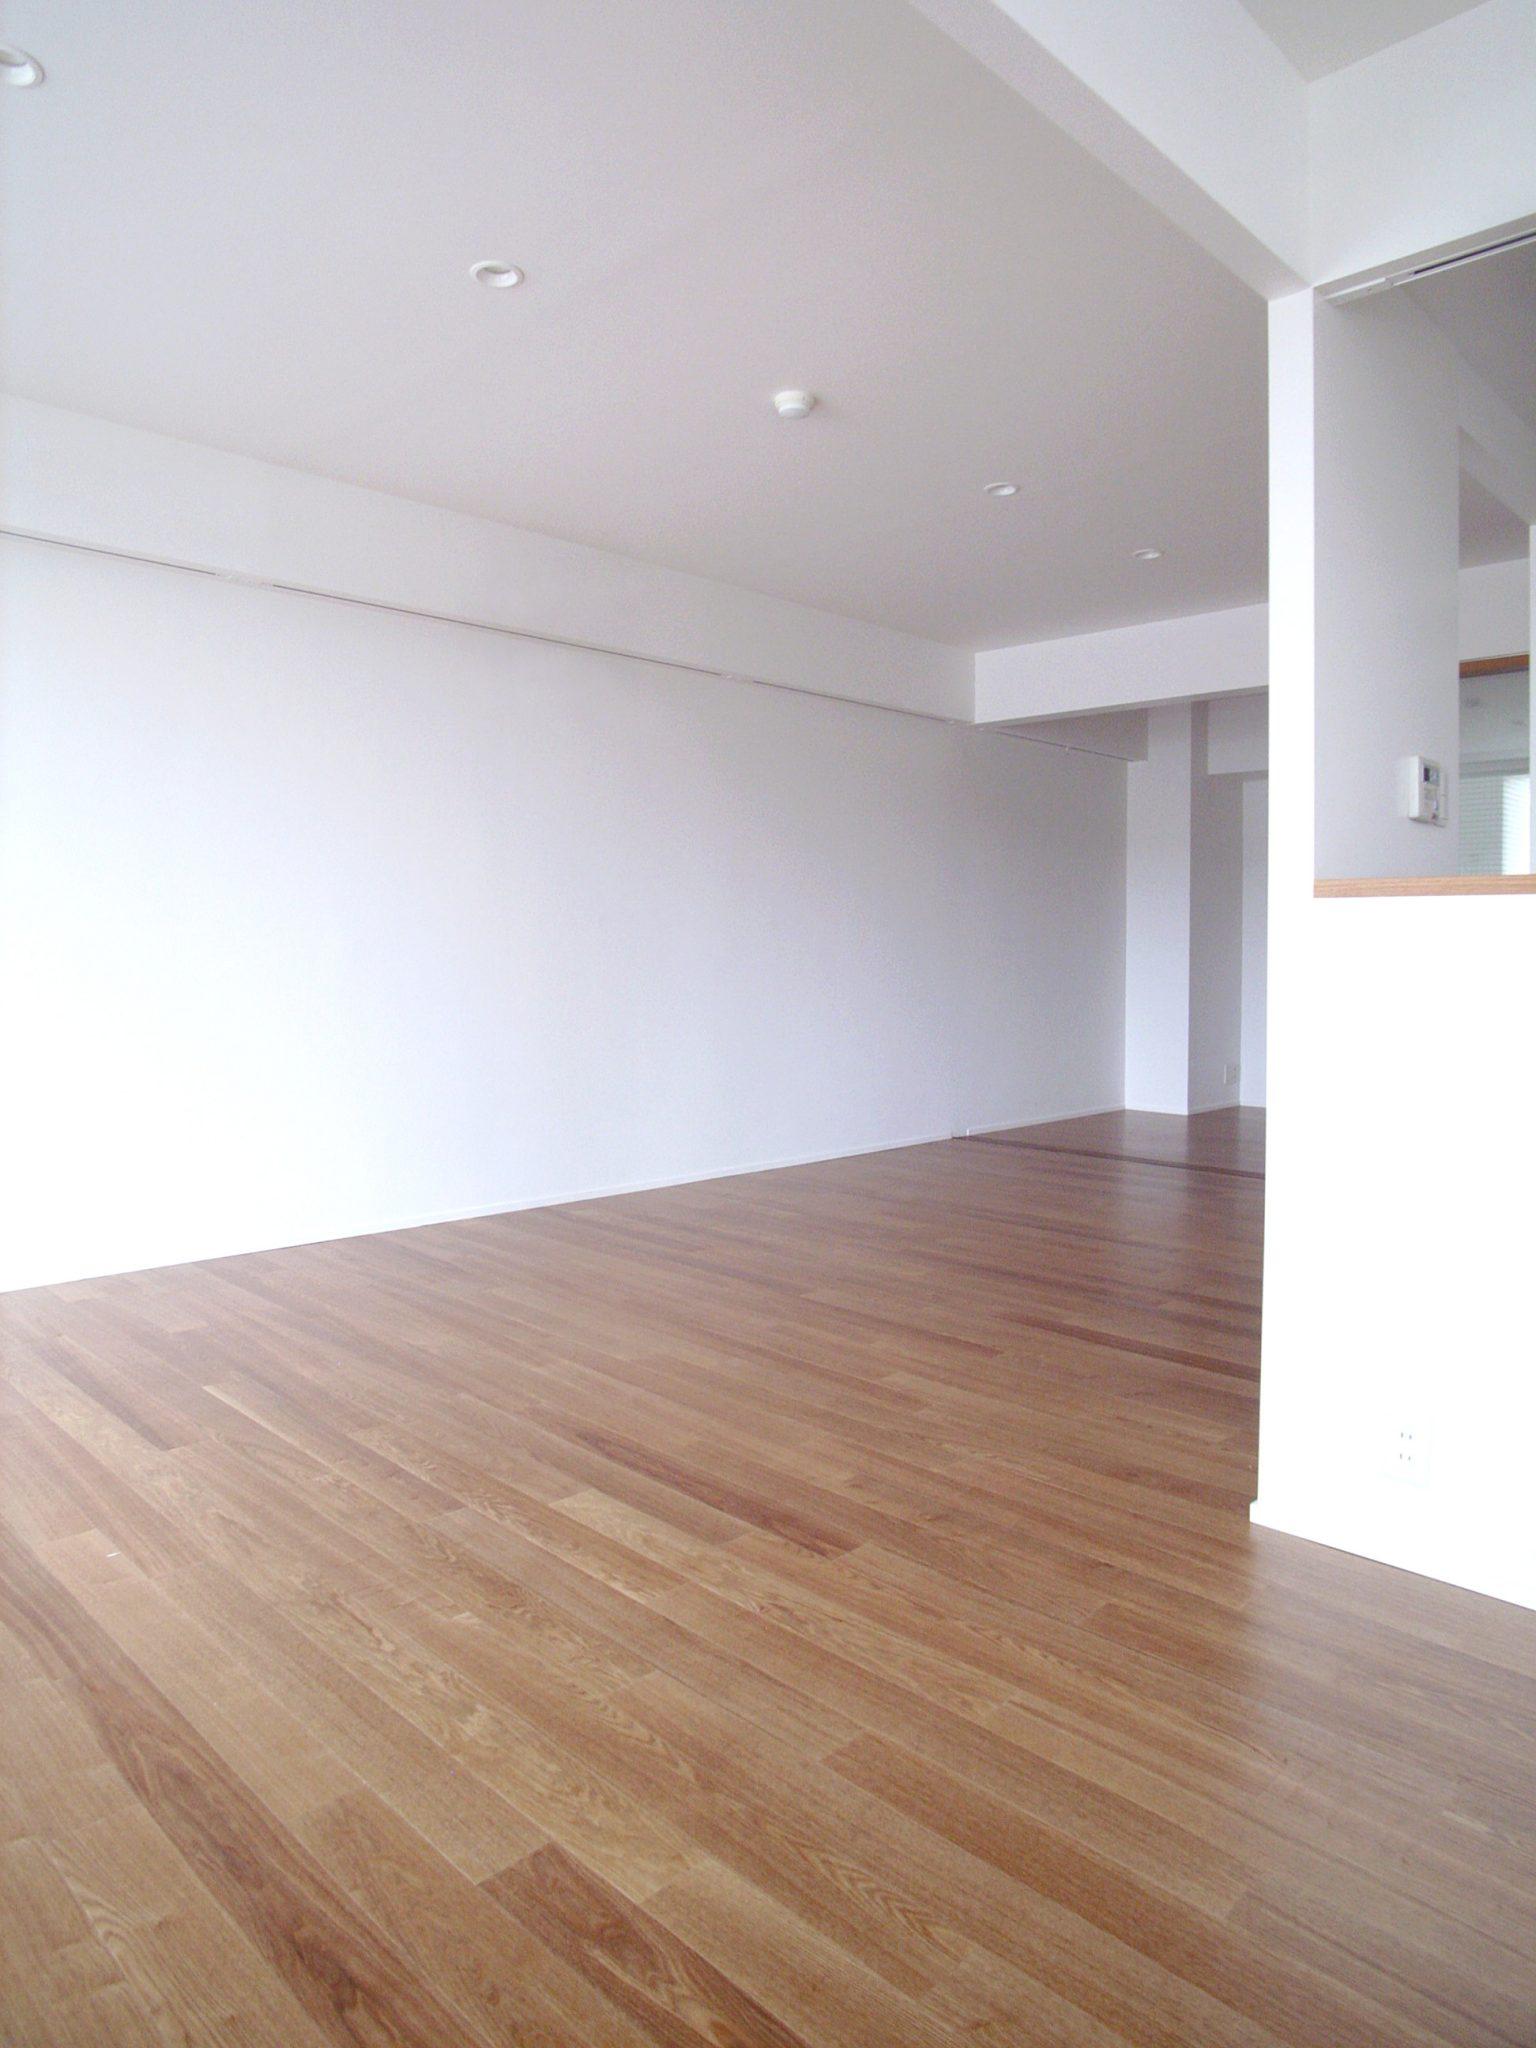 武蔵小杉の住戸 -リノベーション-|Residence in Musashikosugi by the renovation-06